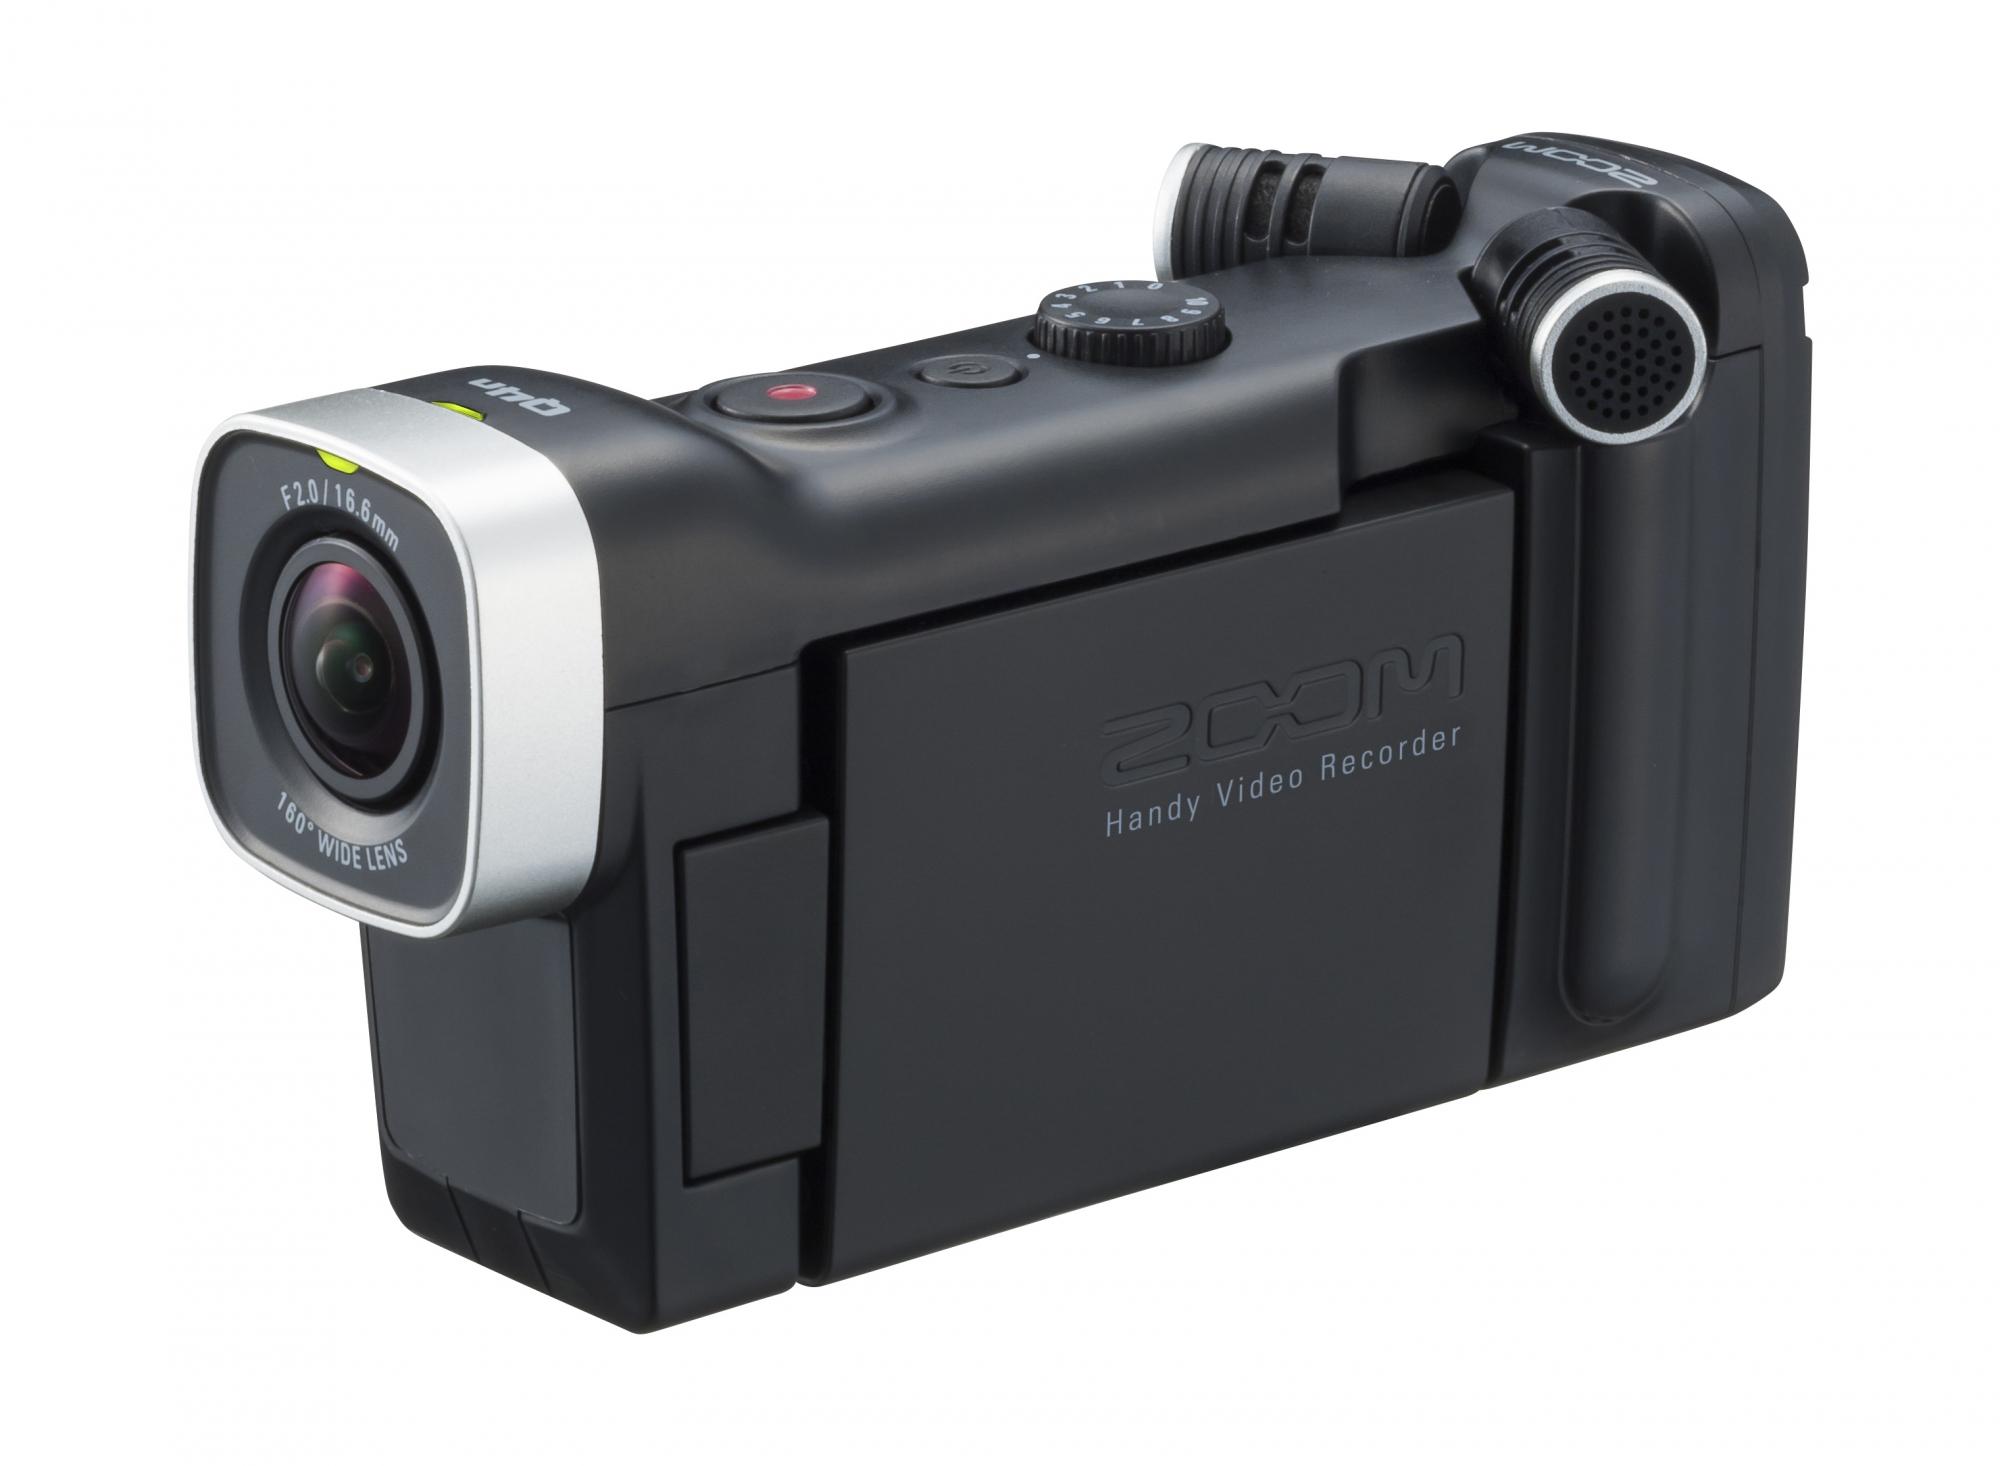 Billede af Zoom Q4n Video Recorder